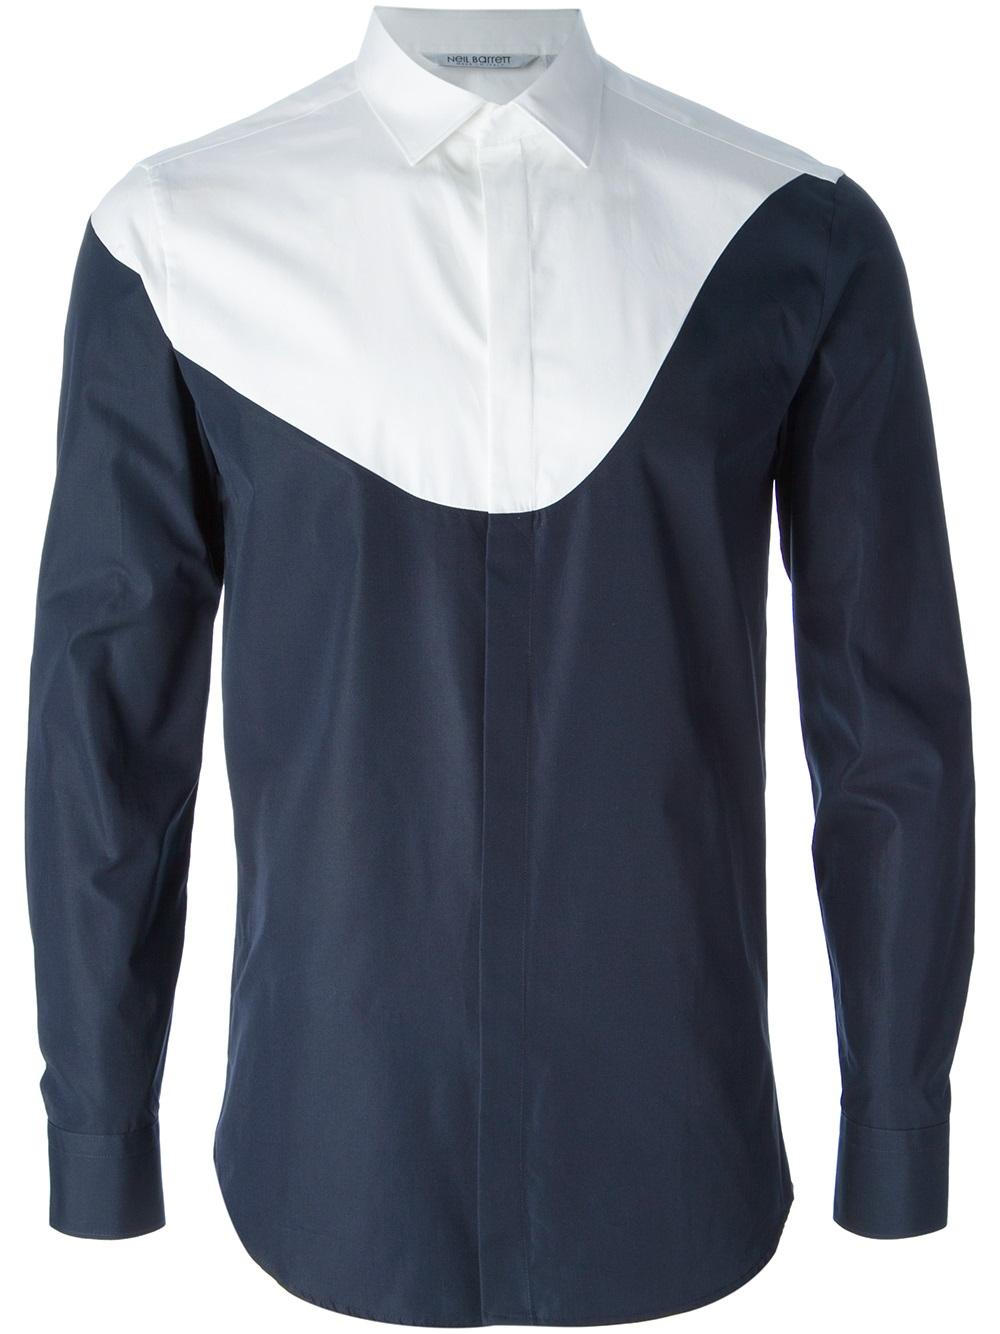 Neil barrett fitted shirt in blue for men lyst for Neil barrett tuxedo shirt